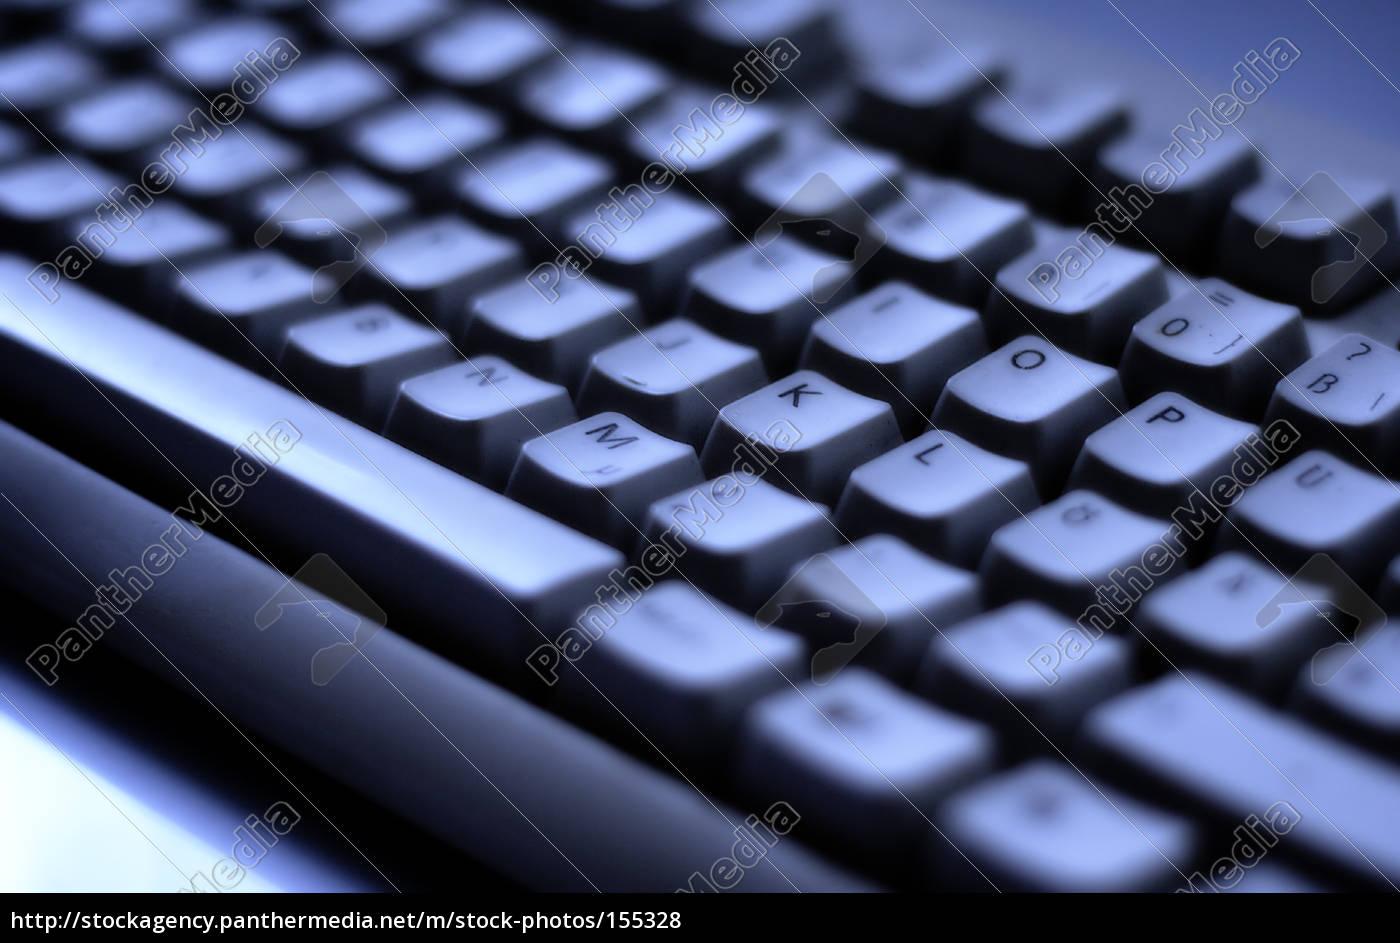 computer, keyboard, iii-a - 155328